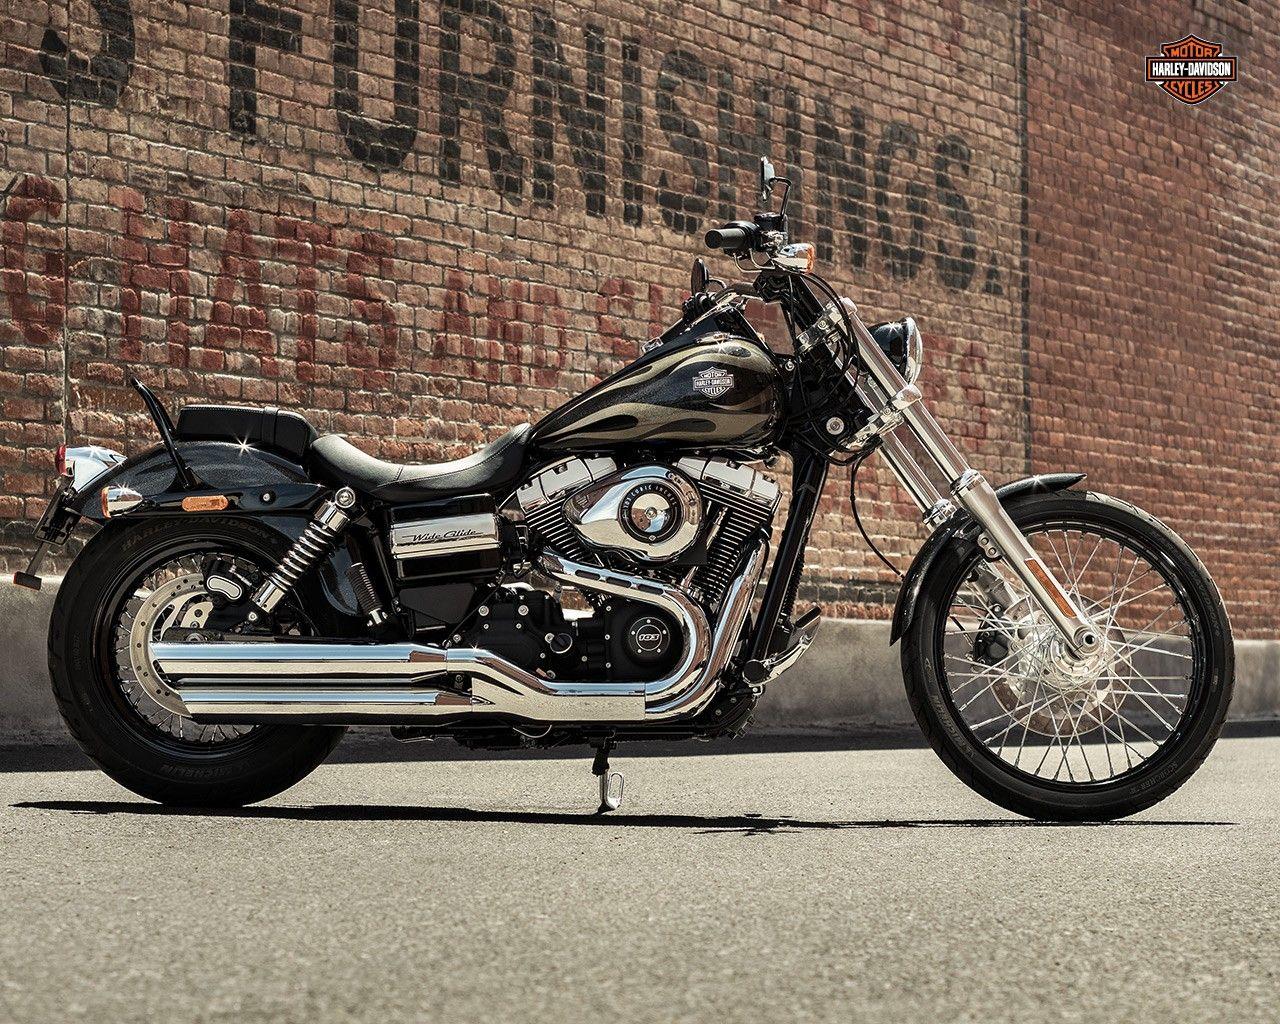 17 Hd Wide Glide Wallpaper 2 Harley Davidson Uk Harley Davidson